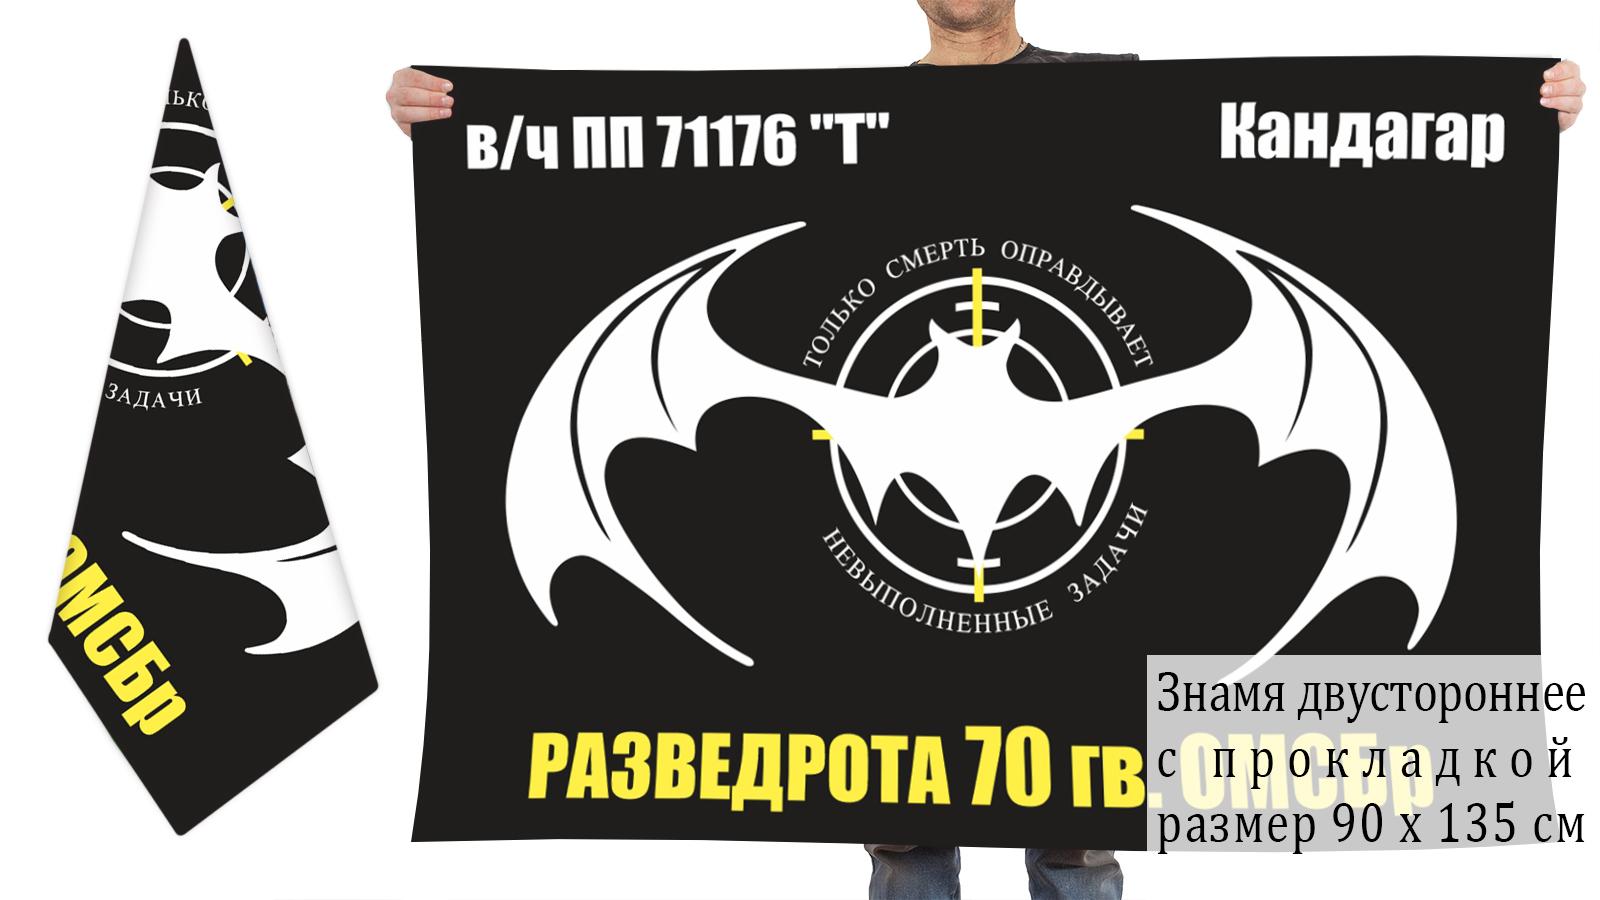 Двусторонний флаг разведроты 70 гвардейской мотострелковой бригады